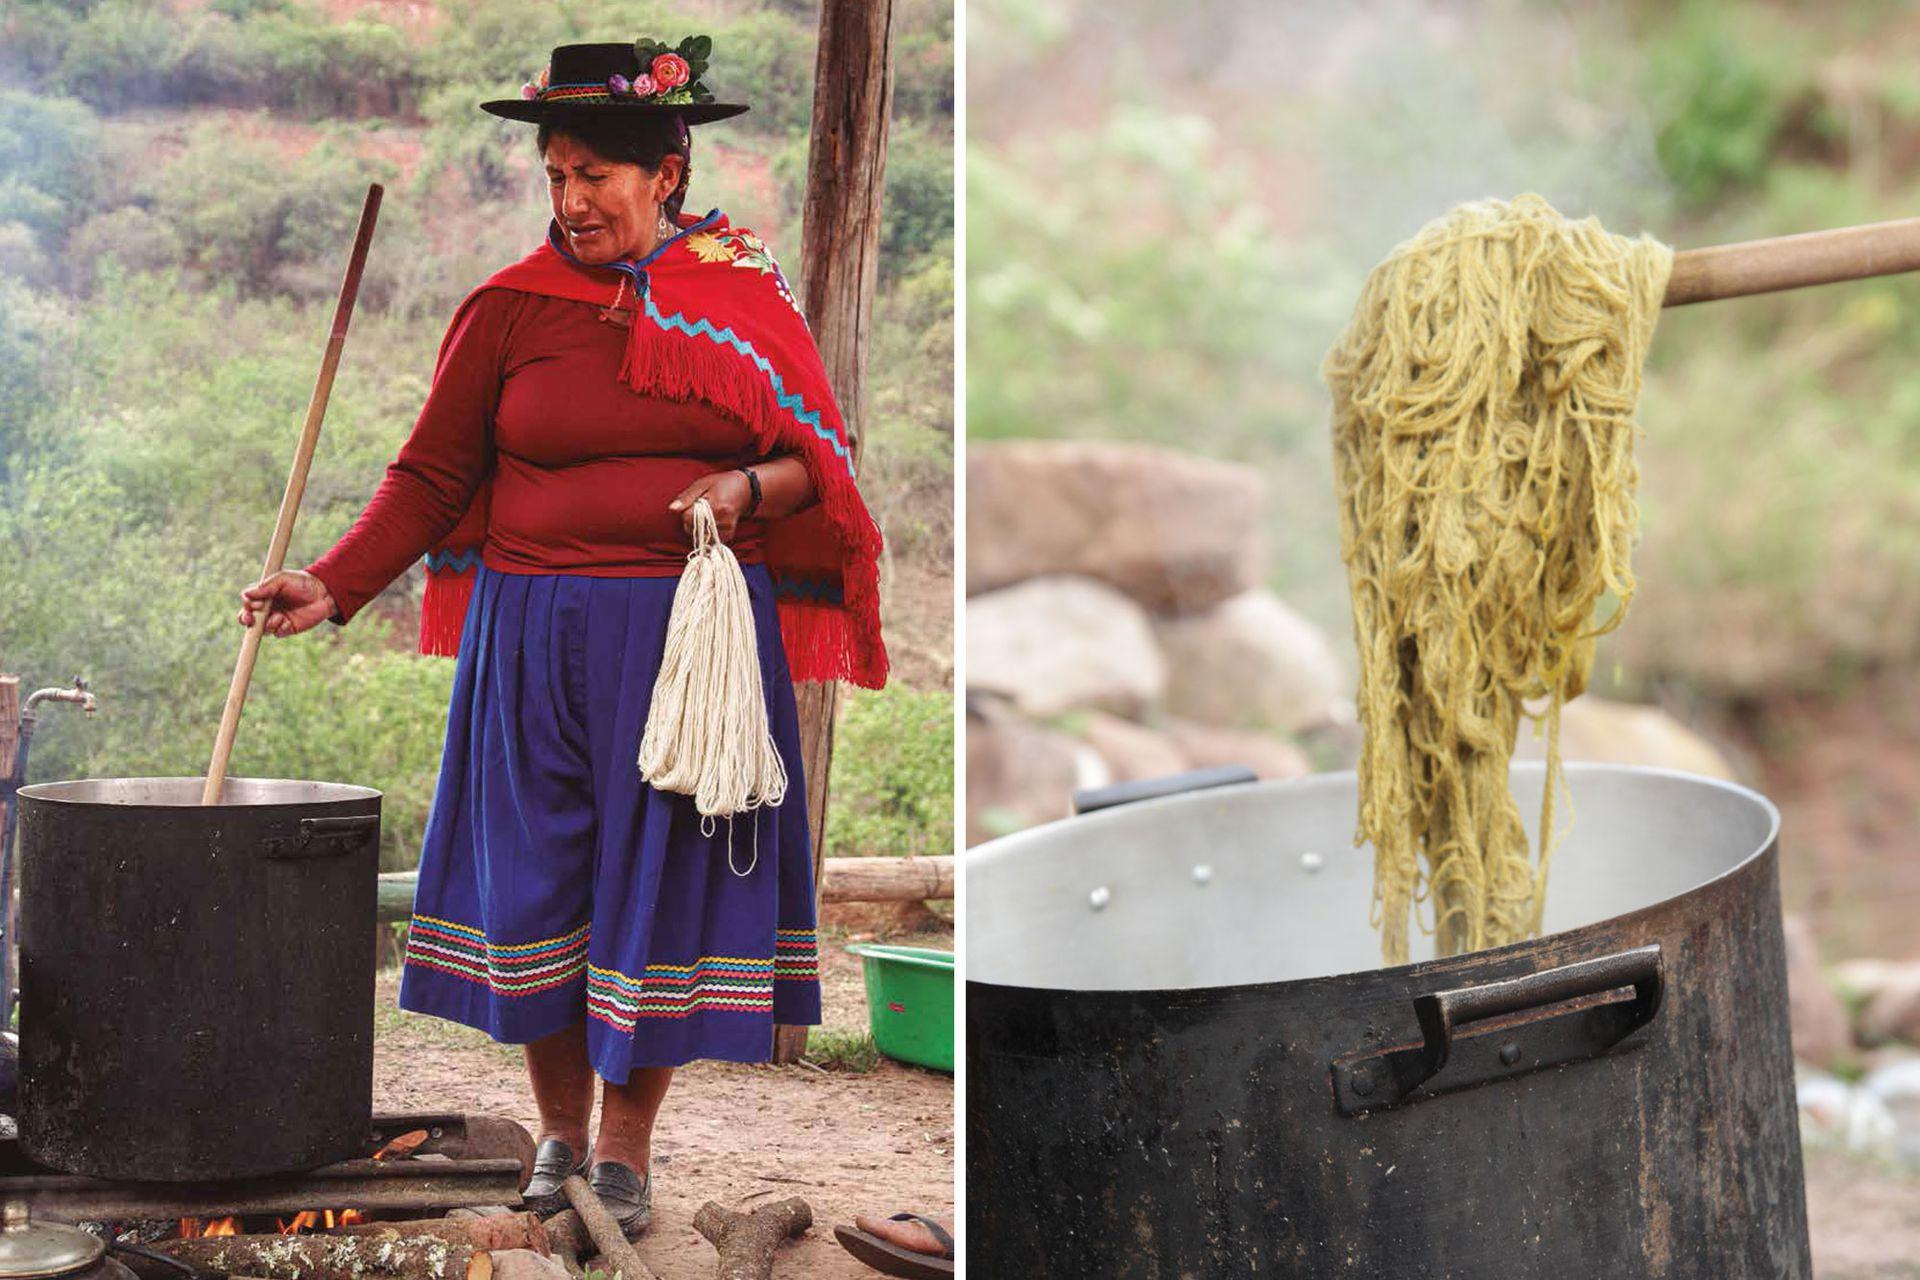 Izquierda: Elda Luere, mujer artesana de Valle Colorado, en pleno proceso de teñido. Derecha: hilado teñido con ubilla de zorro (Berberis fiebrigii).